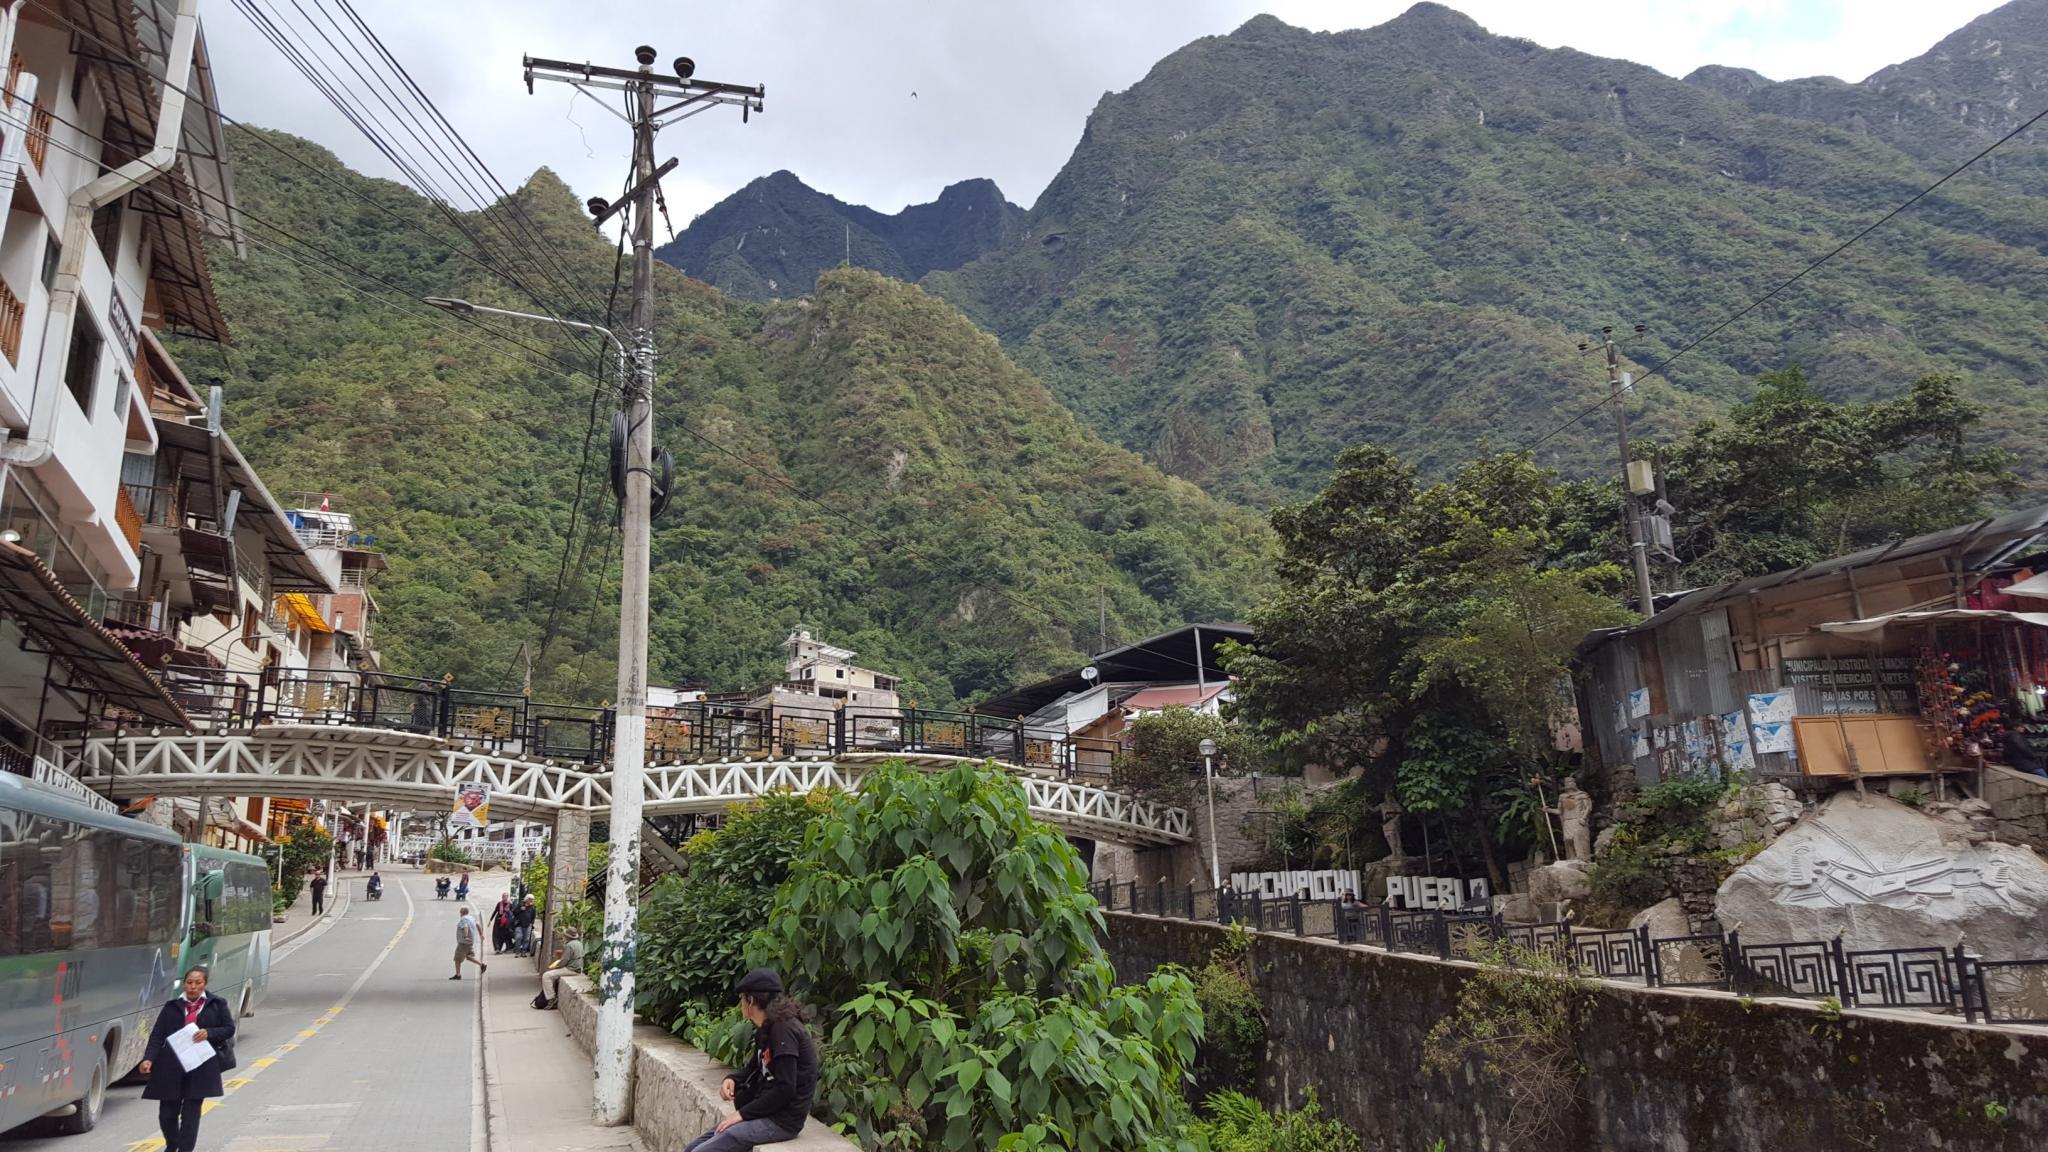 Peru: Lima, Cusco and Machu Picchu-aguas-calientes-jpg